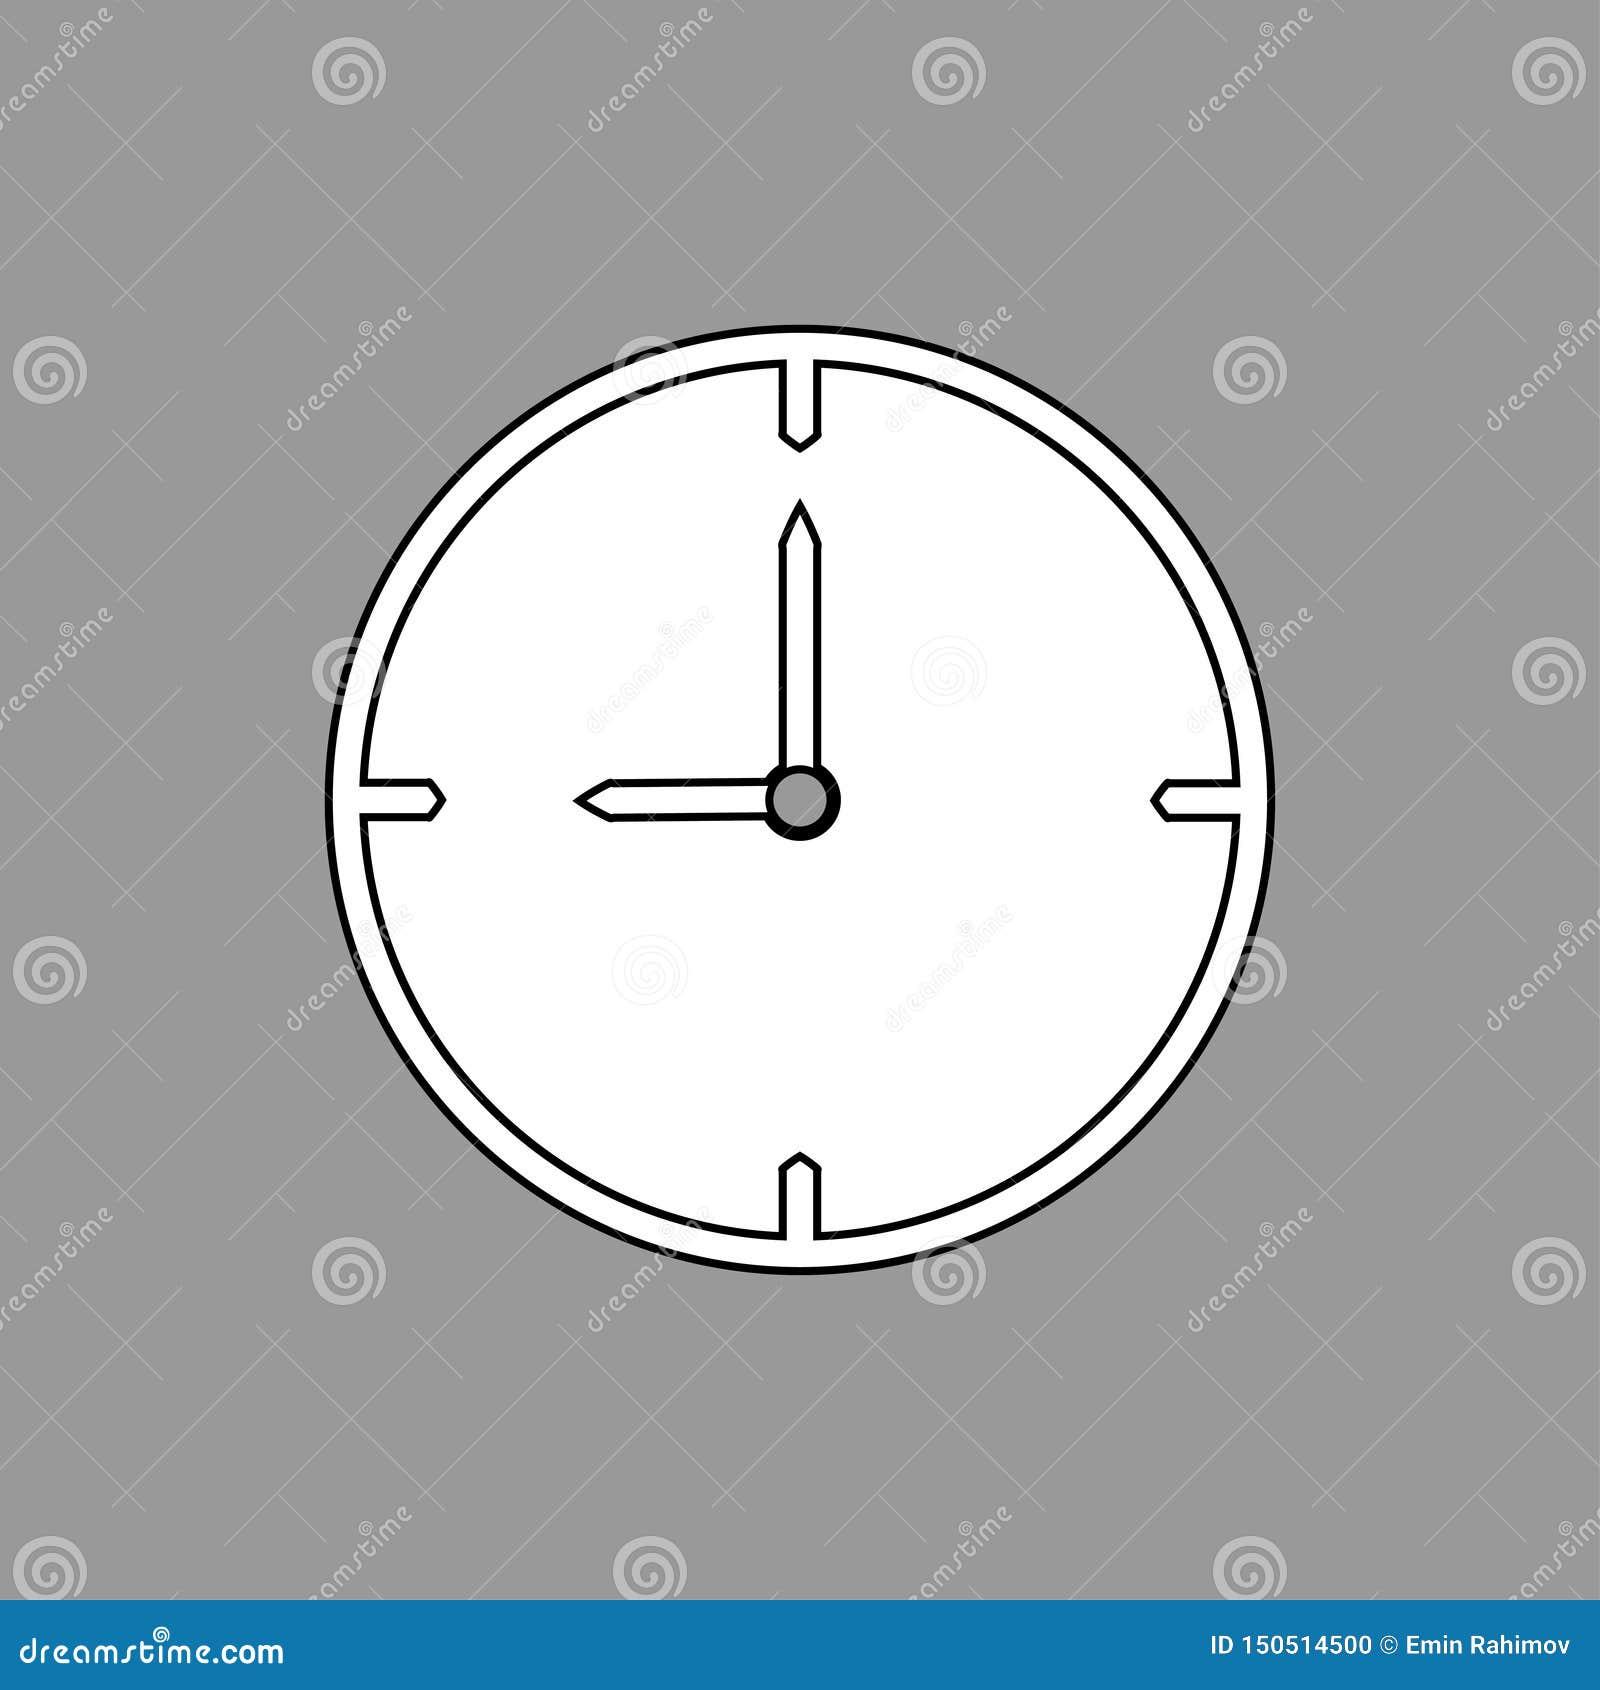 Dünnes Schwarzweiss- Streckentaktikone 9 Uhr auf grauem Hintergrund - Vektorillustration